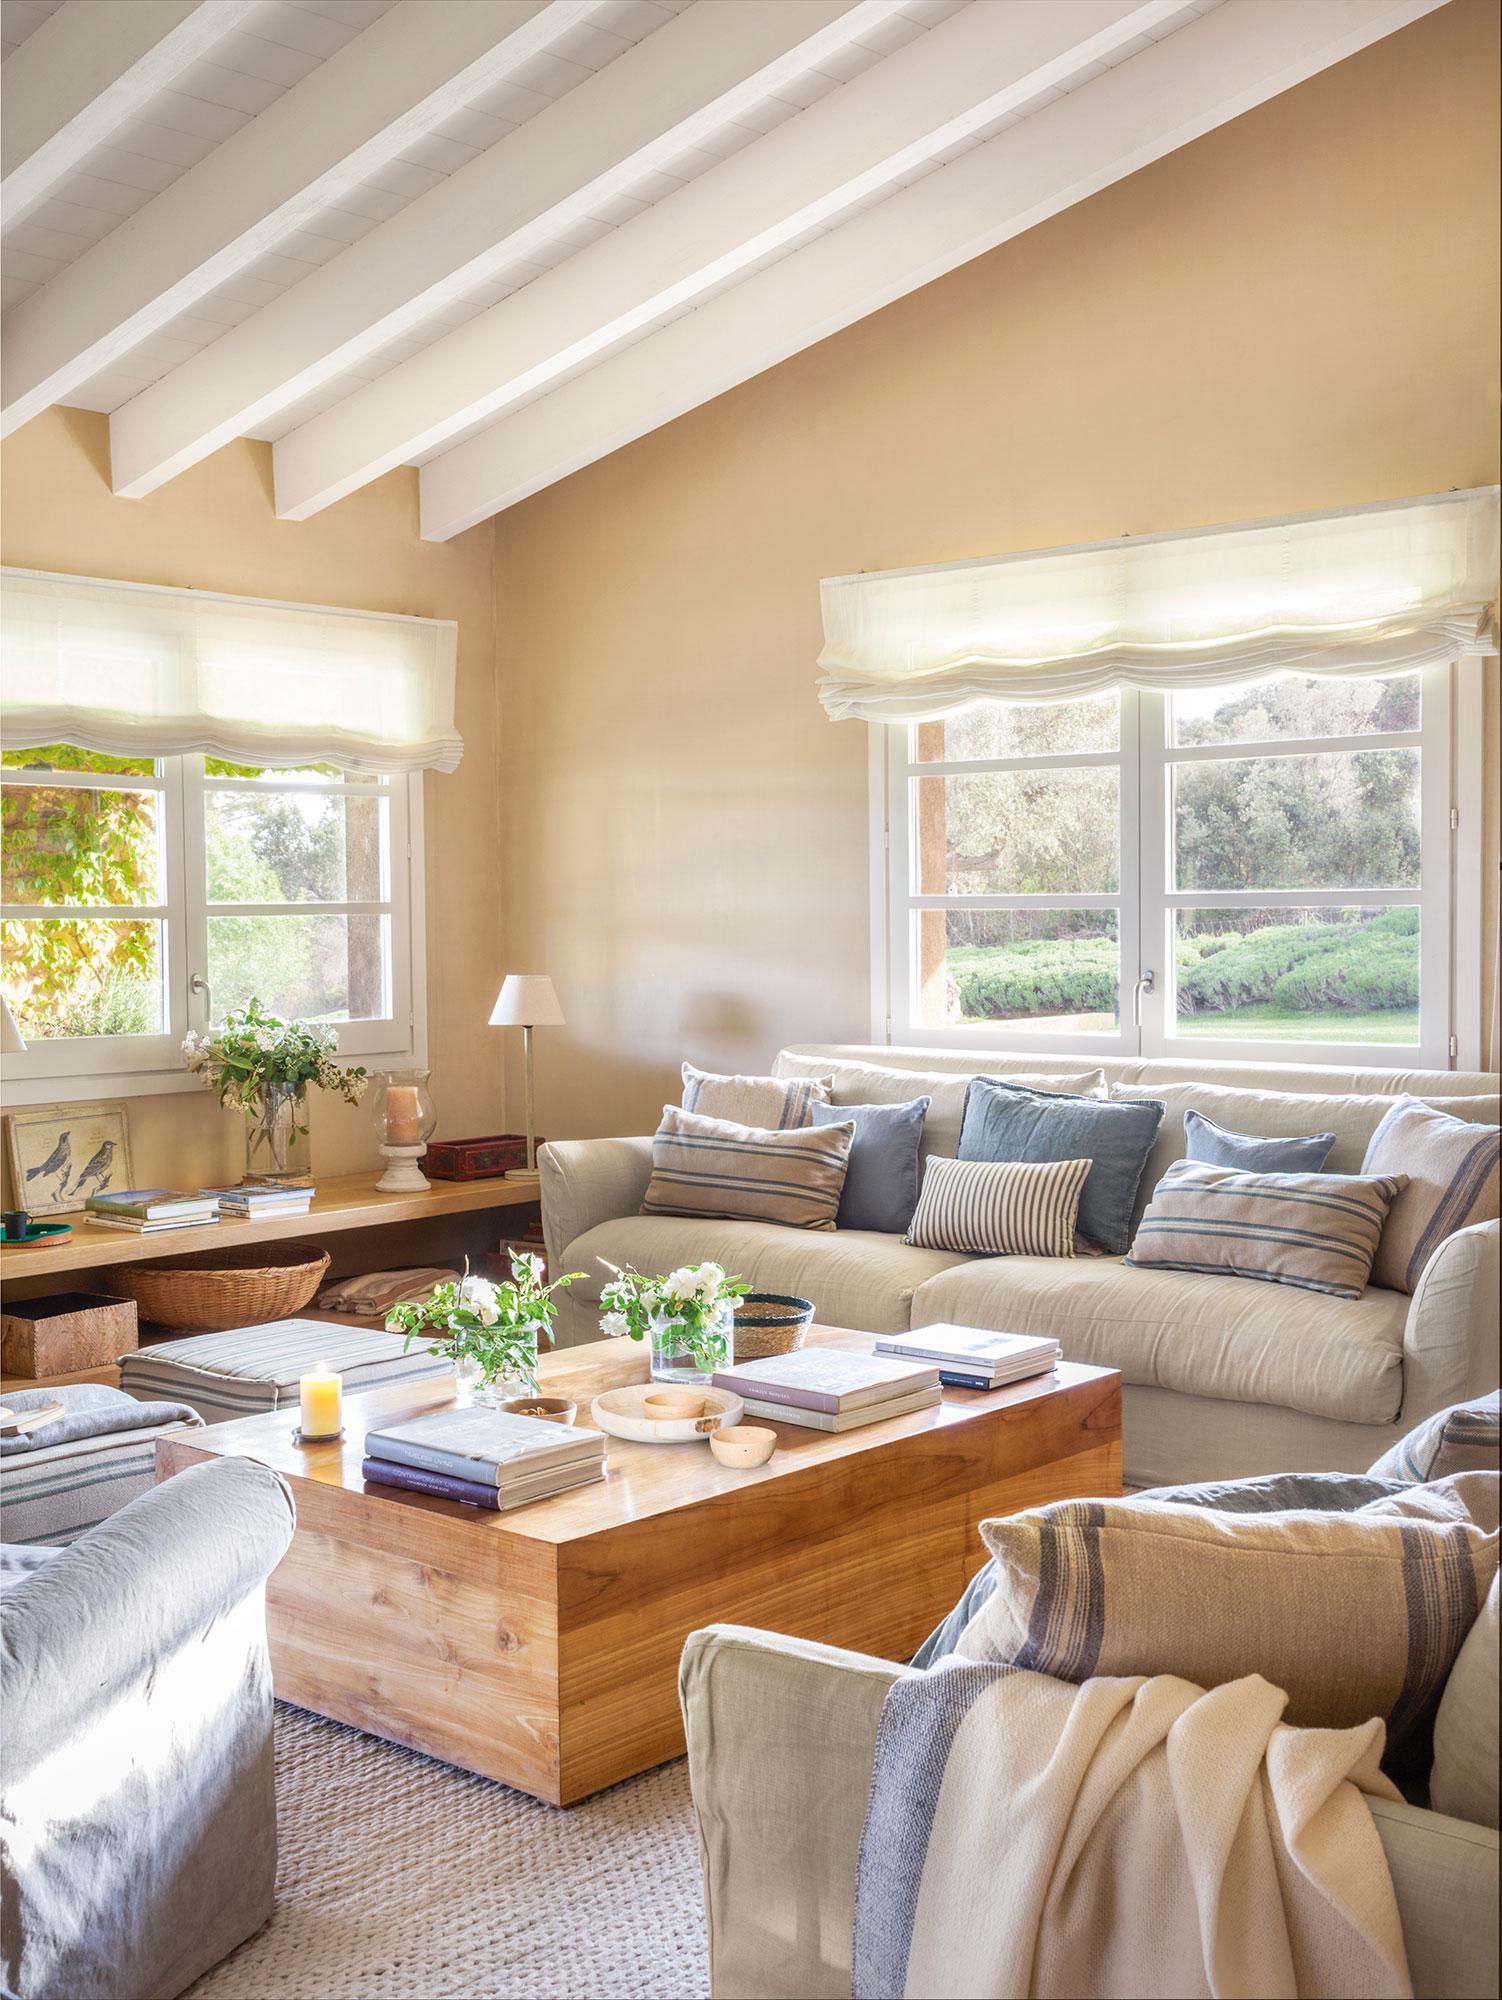 10 cosas que no puedes tener en casa despu s de los 30 for Paredes que no llegan al techo